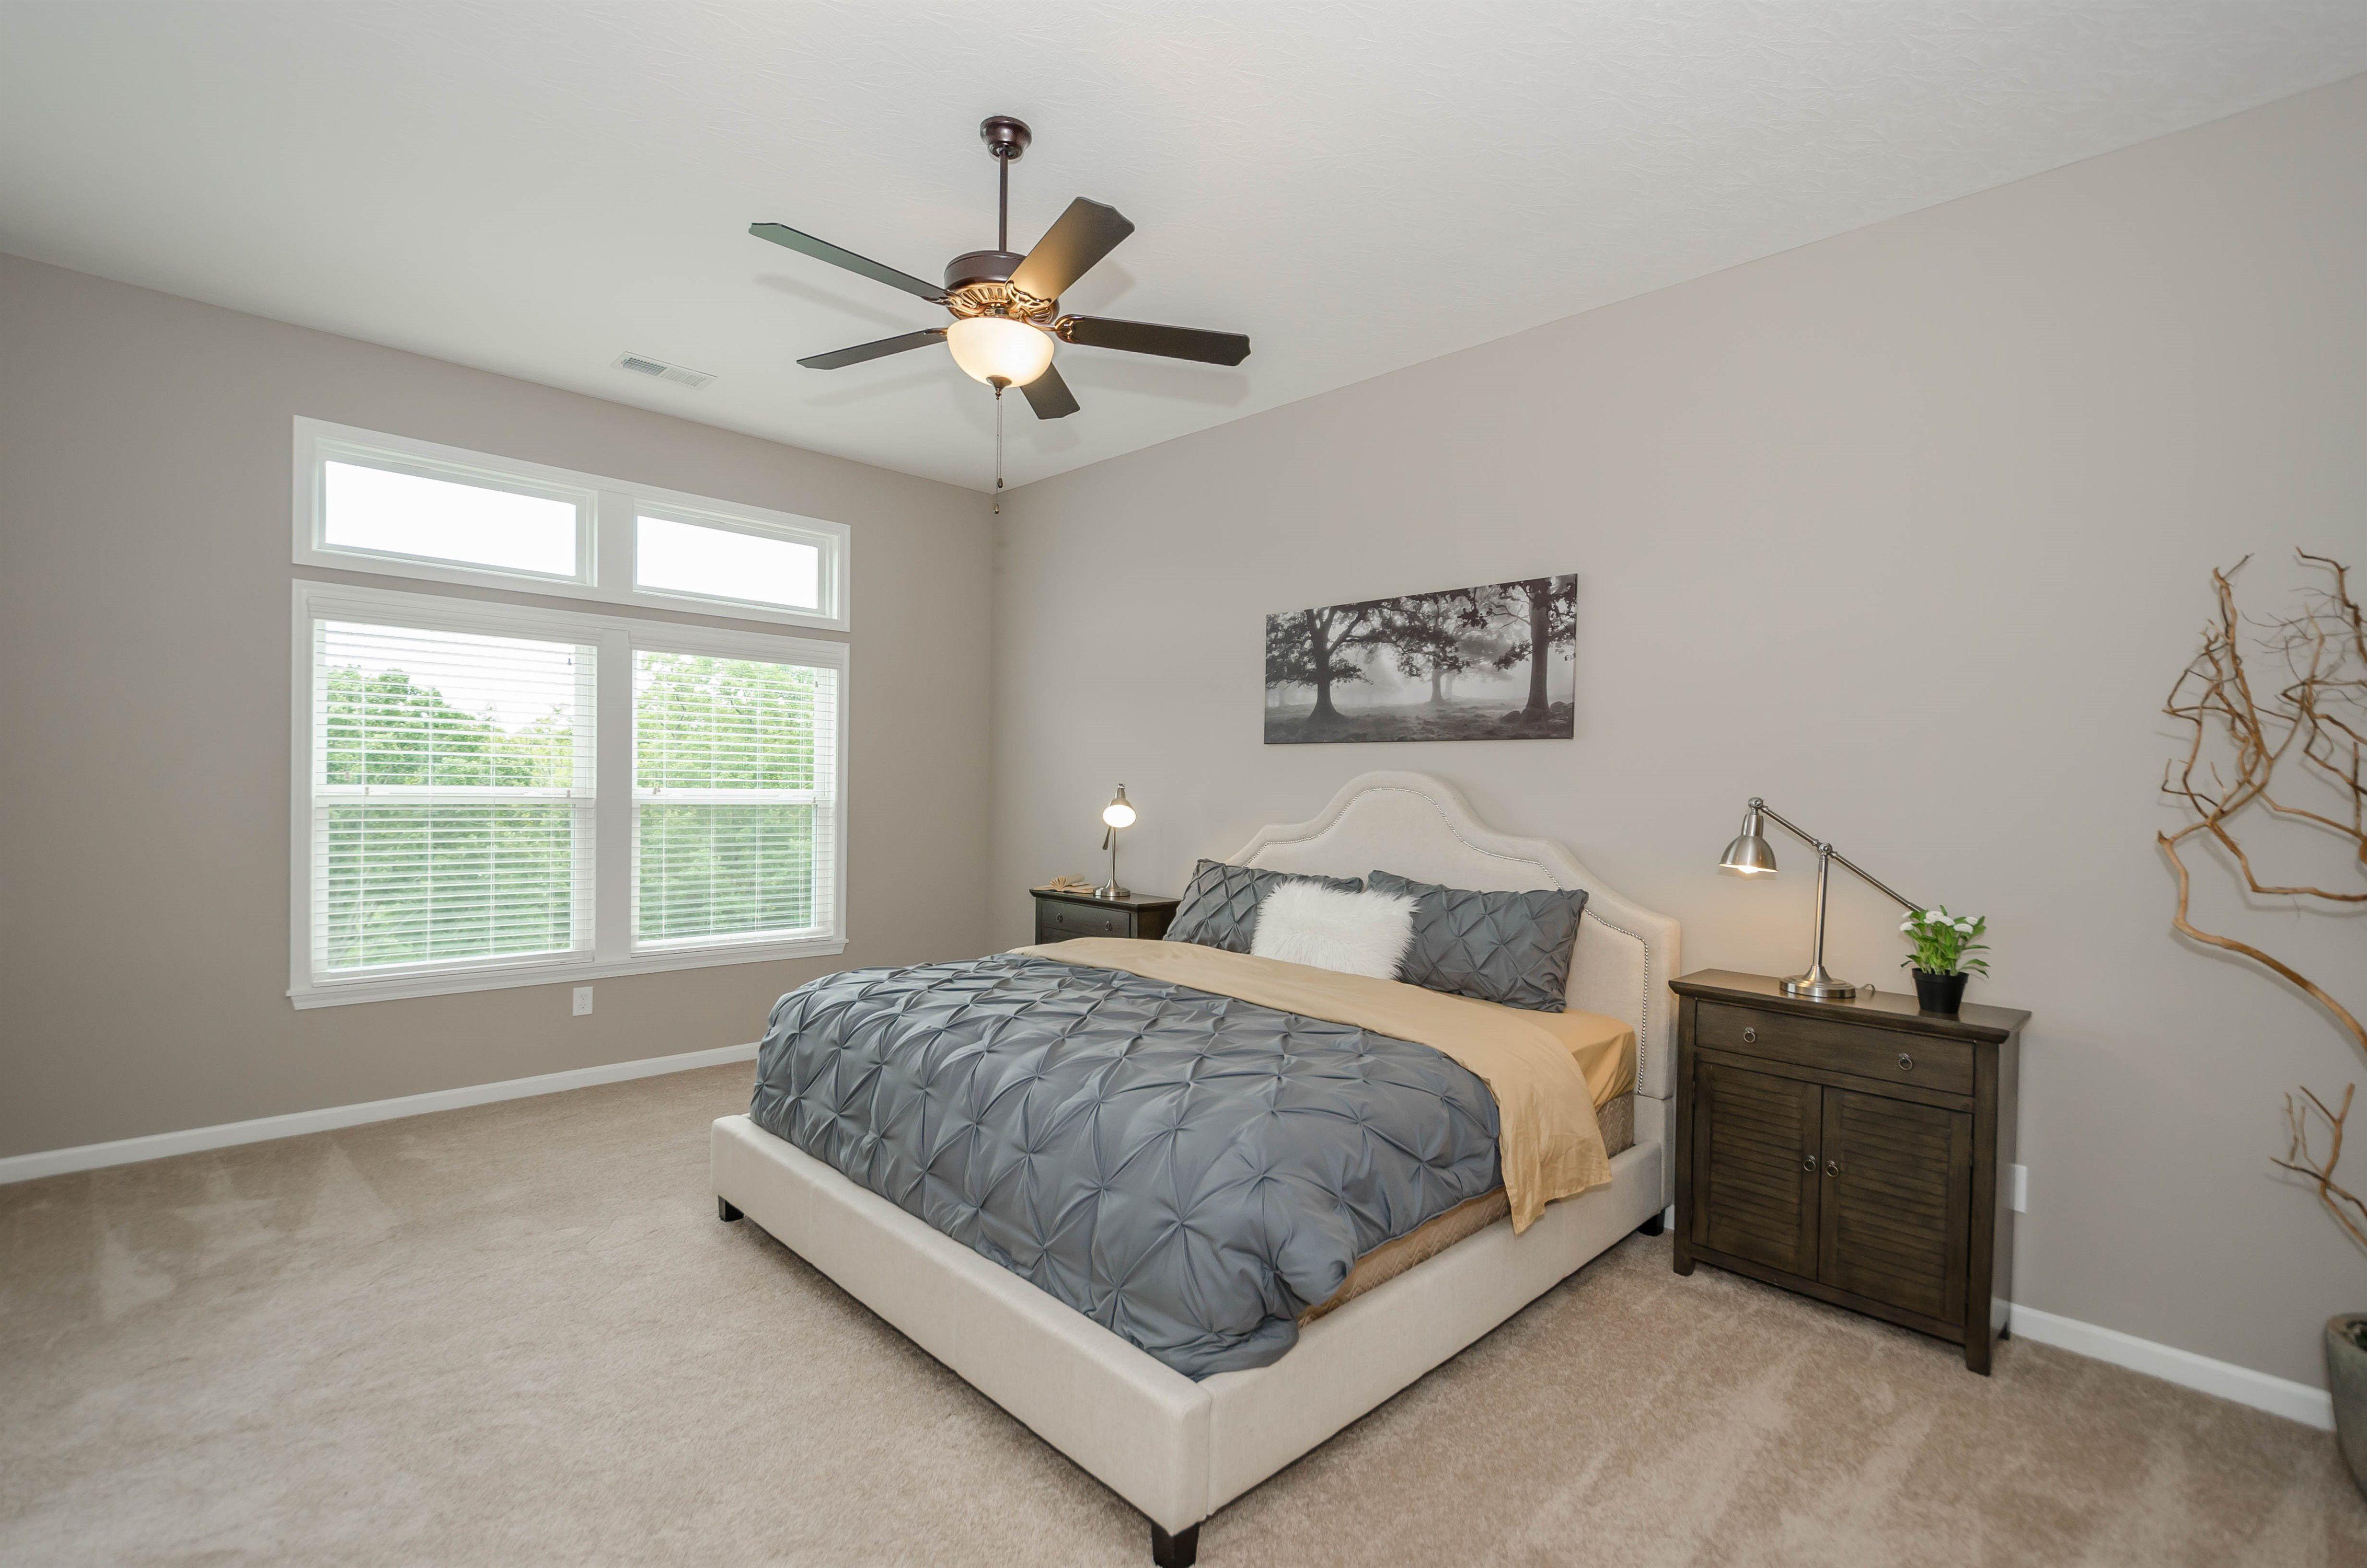 Bedroom featured in the Baypoint II By Fischer Homes  in Cincinnati, IN